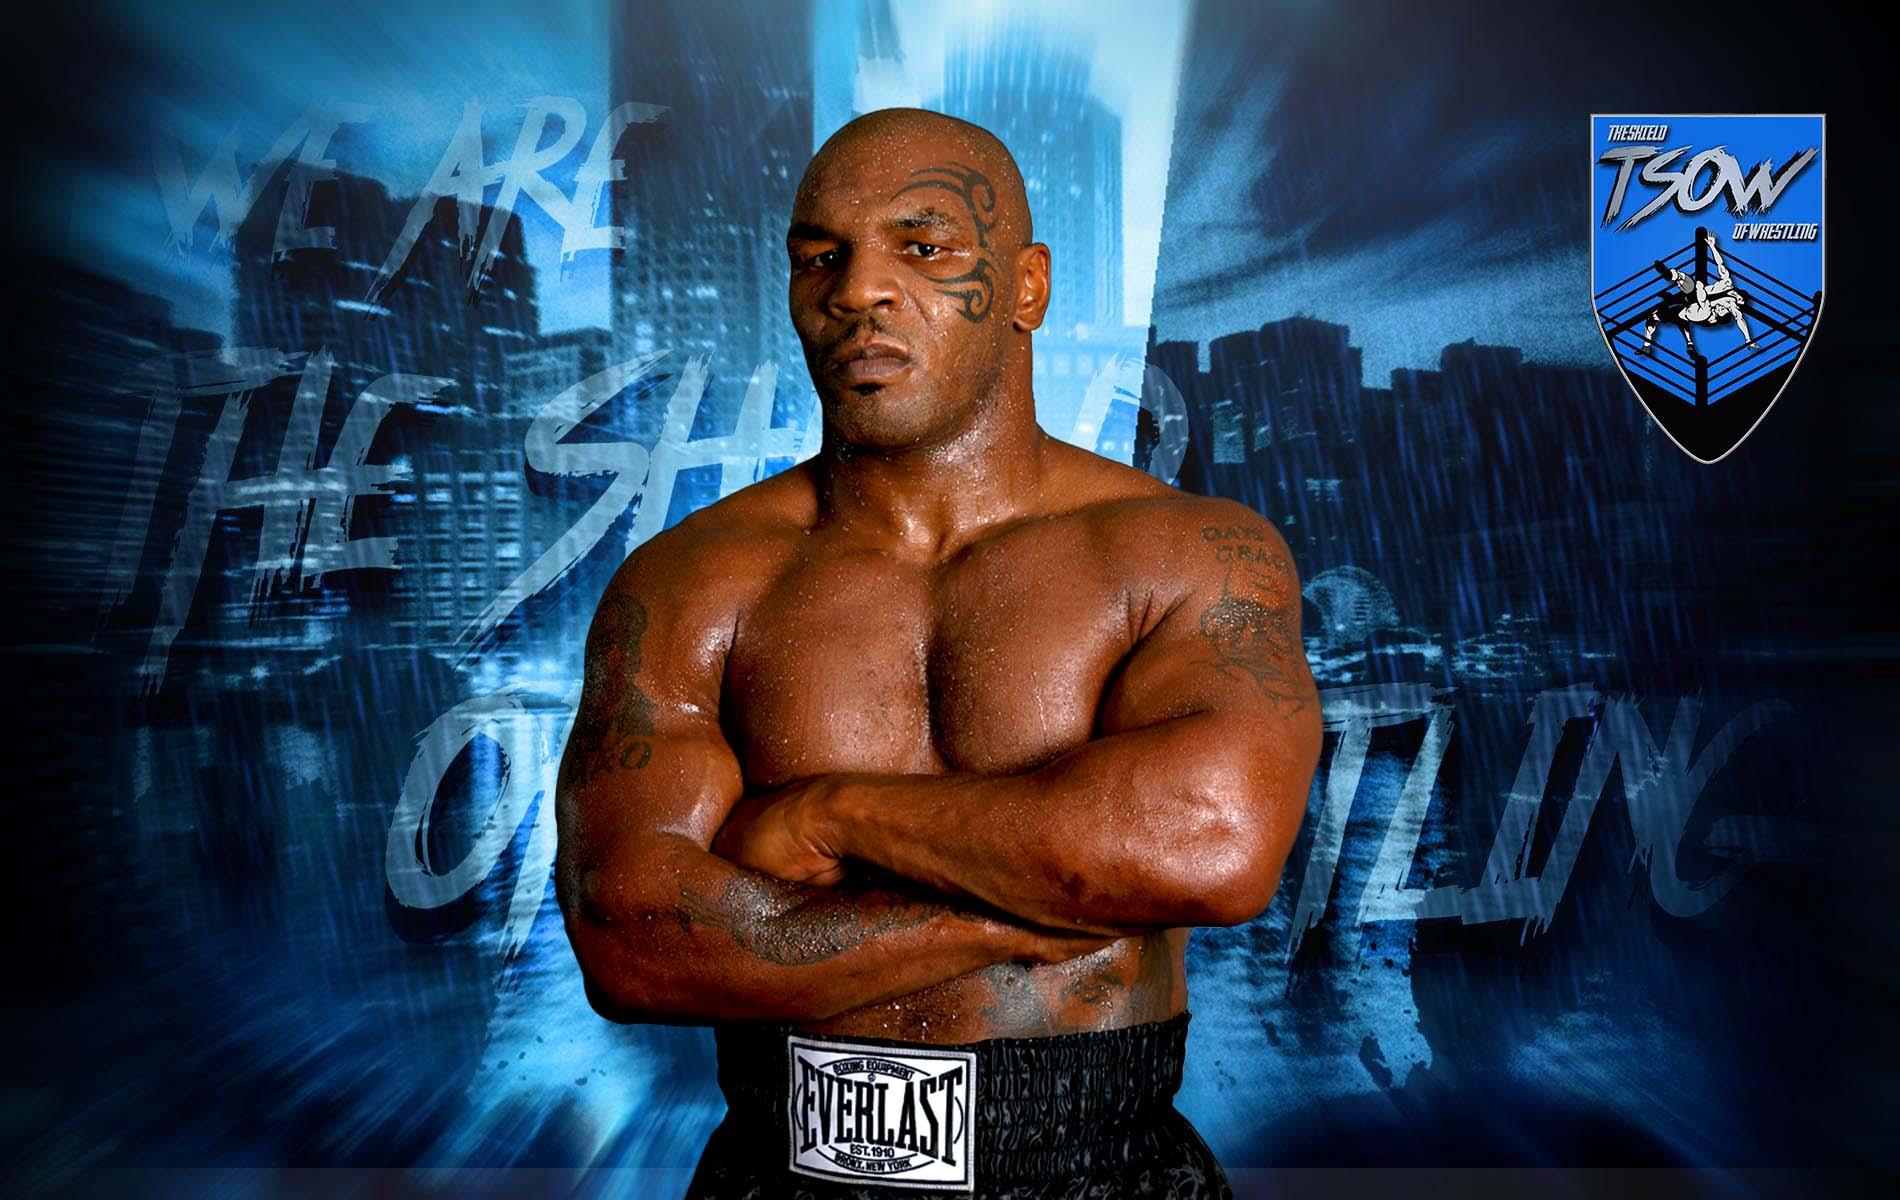 Mike Tyson: messaggi di incoraggiamento da parte di un wrestler AEW